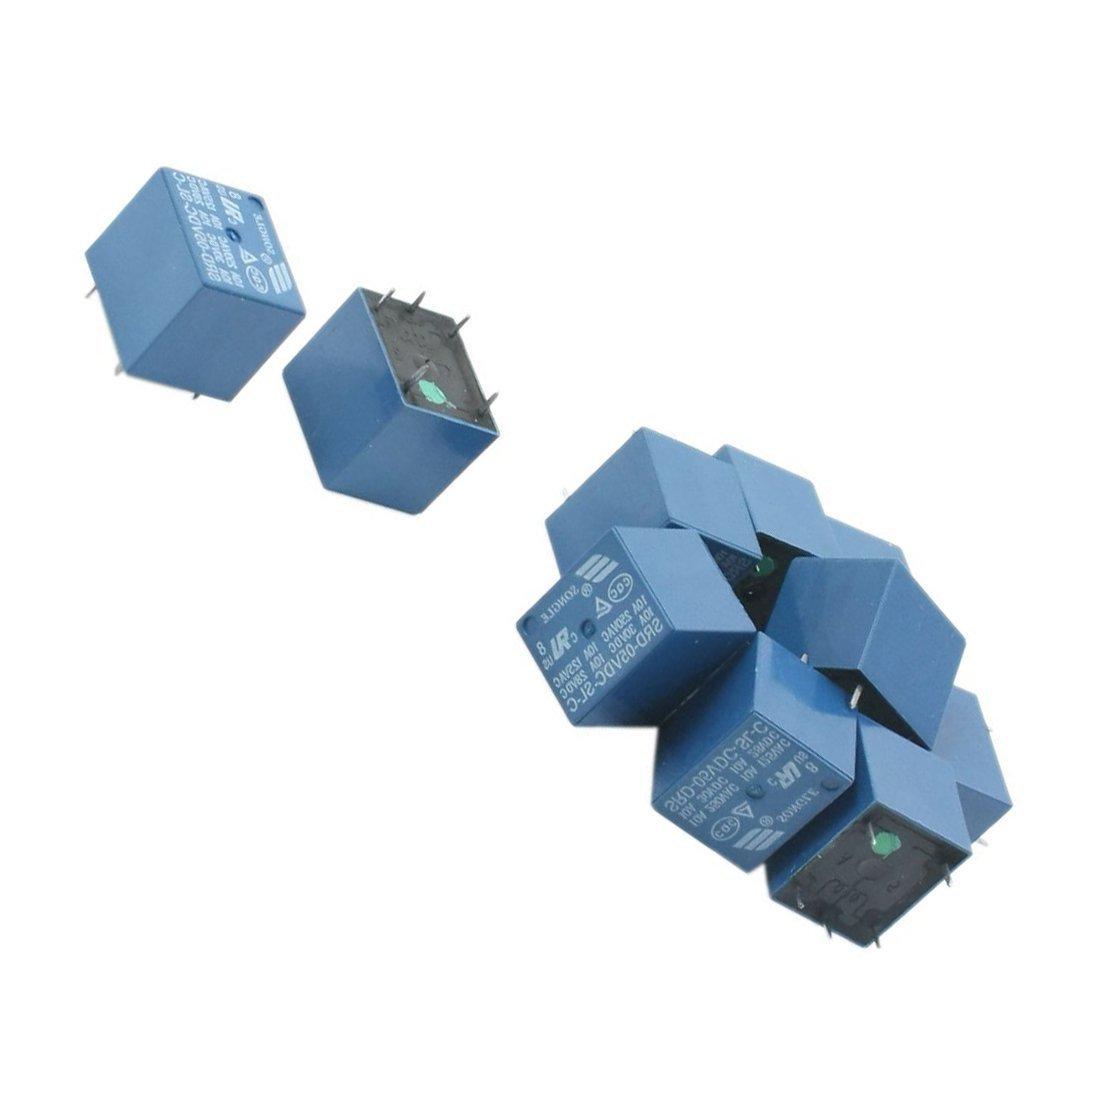 Power Relay Sodialr 10pcs Srd 05vdc Sl C Dc 5v Rating Coil Spdt Dc5v To Dc30v Converter By 74hc14 Miniature Blue